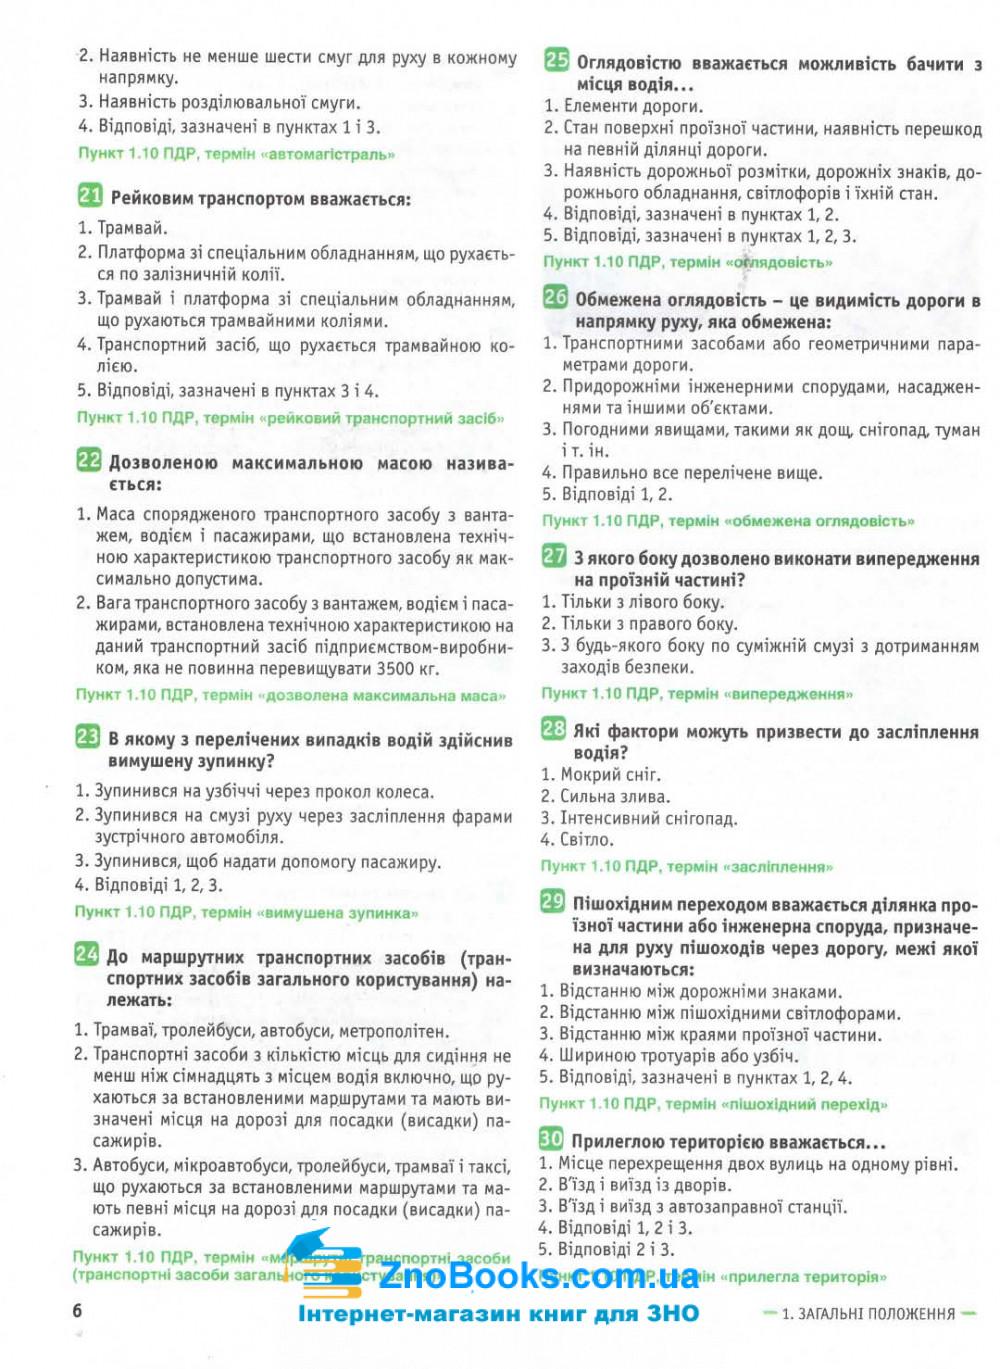 Тестові питання до екзаменаційних білетів для складання іспиту з ПДР : відповідає офіційному тексту 7